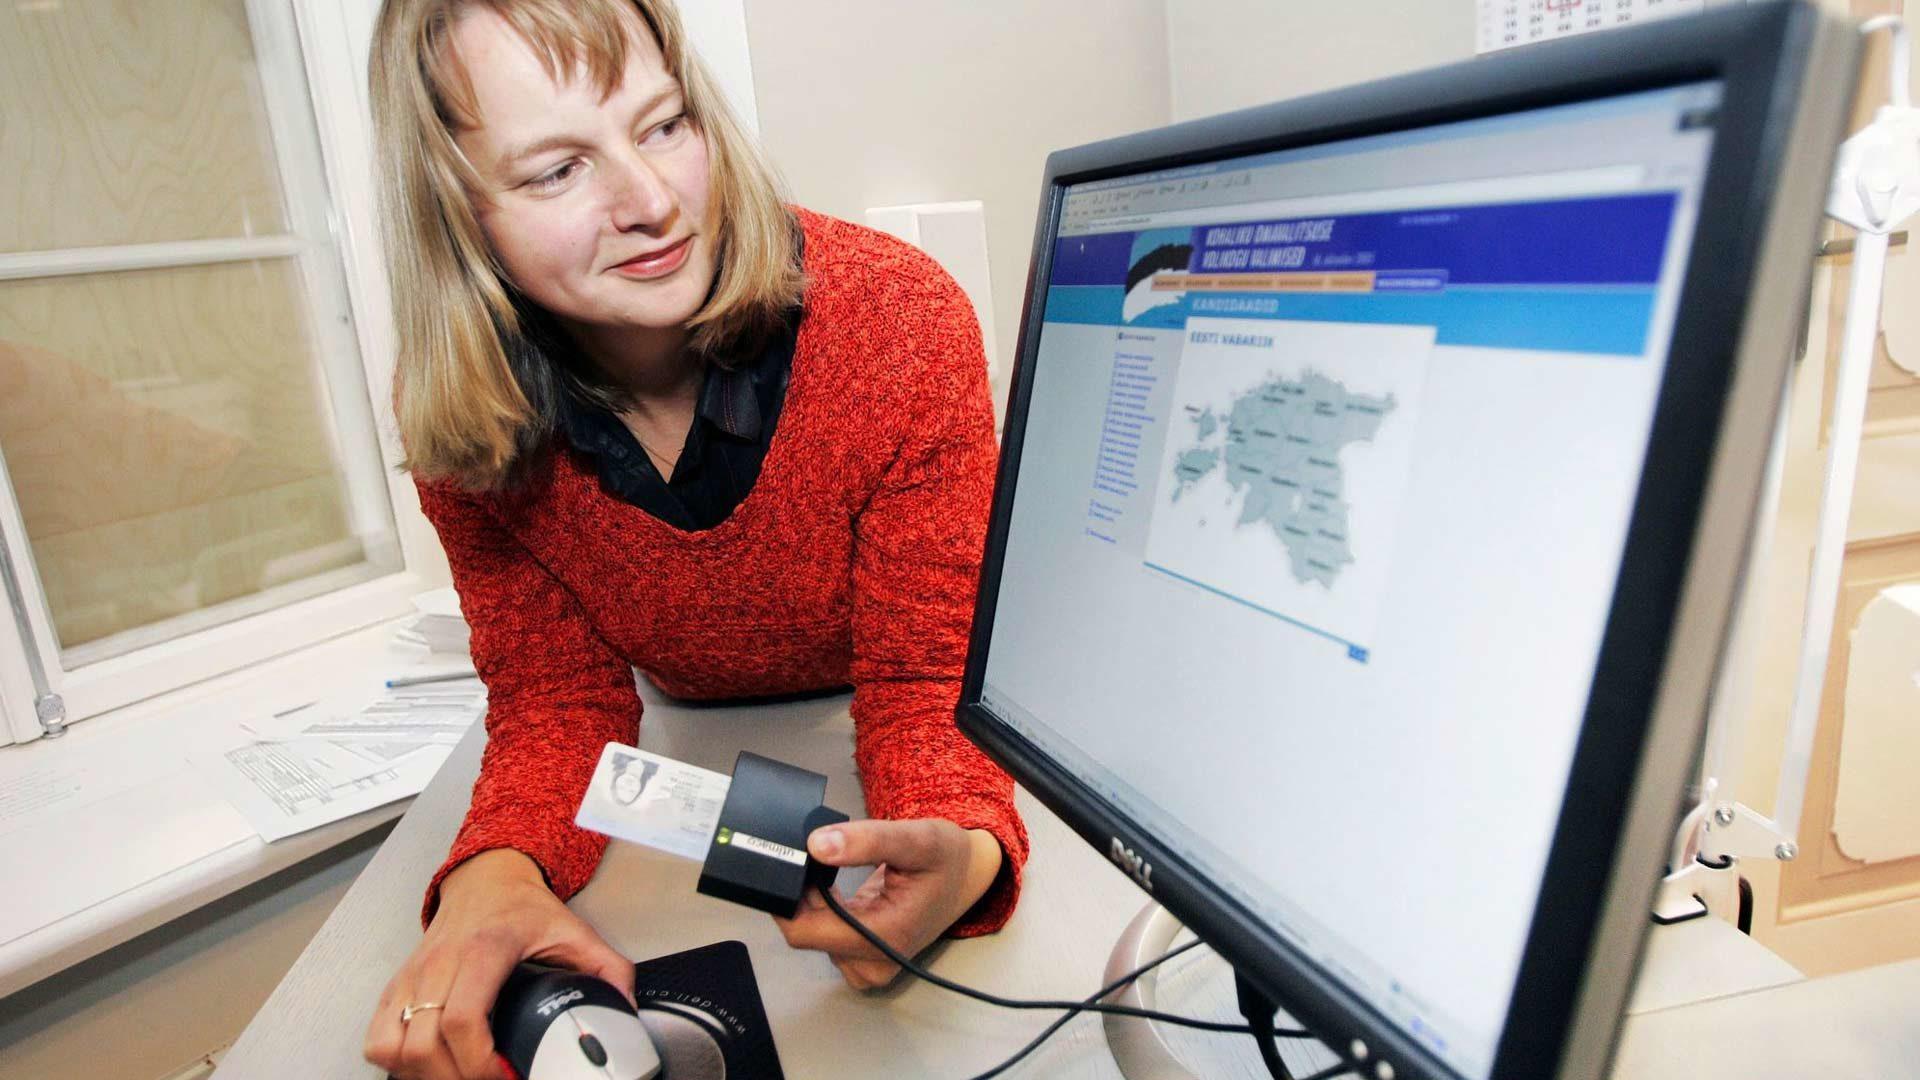 Etelänaapurissa sähköinen äänestys on toiminut jo vuosia. Viron vaalilautakunnan sihteeristön apulaispäällikkö Epp Maaten näyttää, miten sähköistä henkilökortinlukijaa käytetään äänestysohjelmaan tunnistautumisessa.